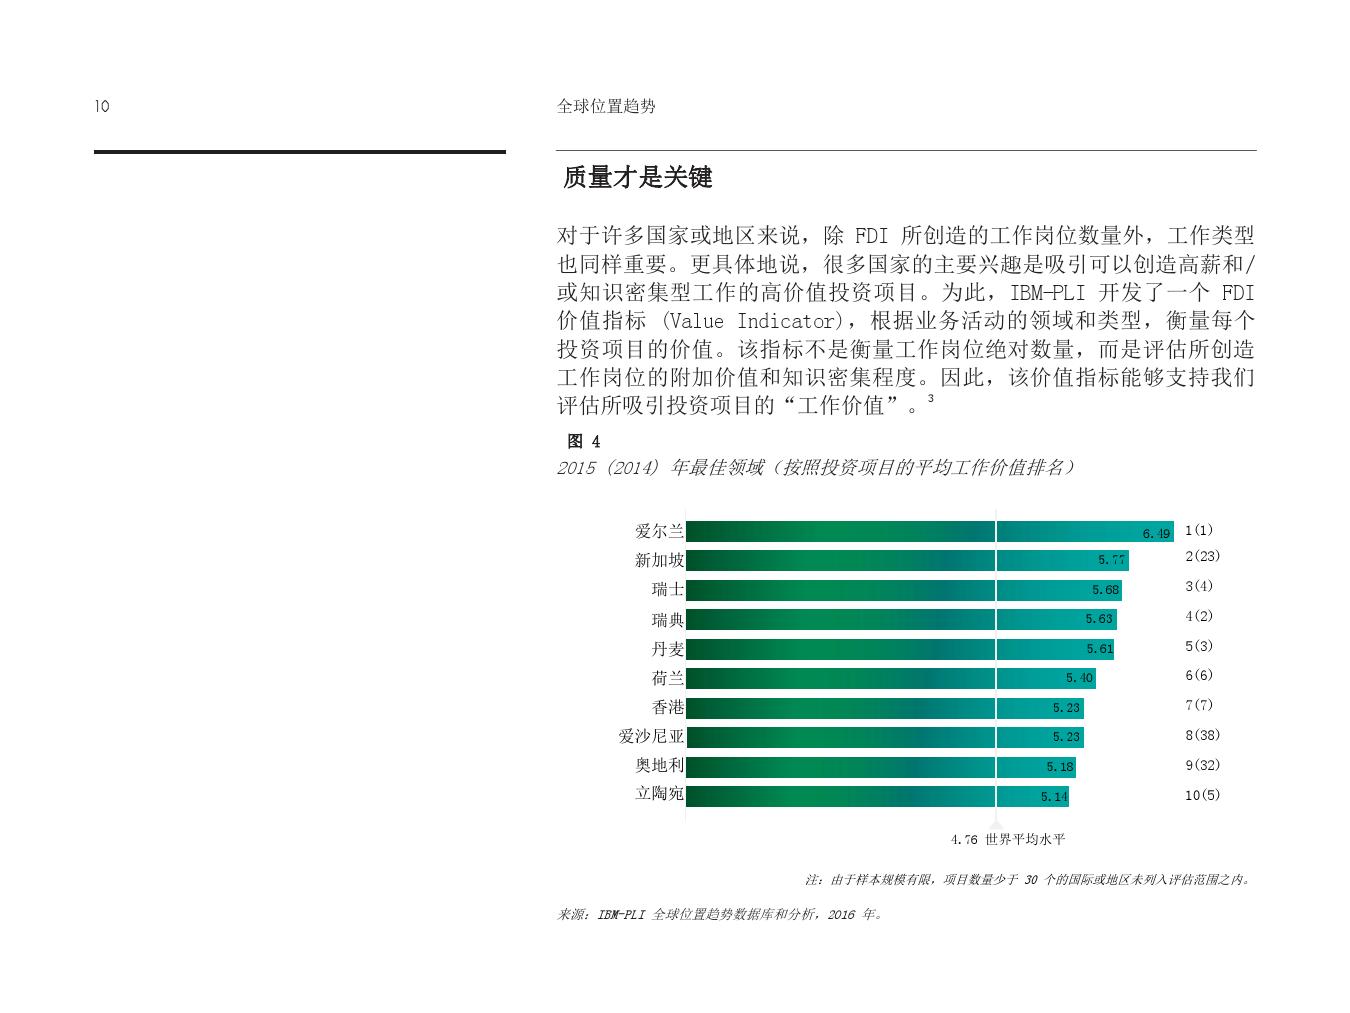 2016年全球位置趋势报告_000012